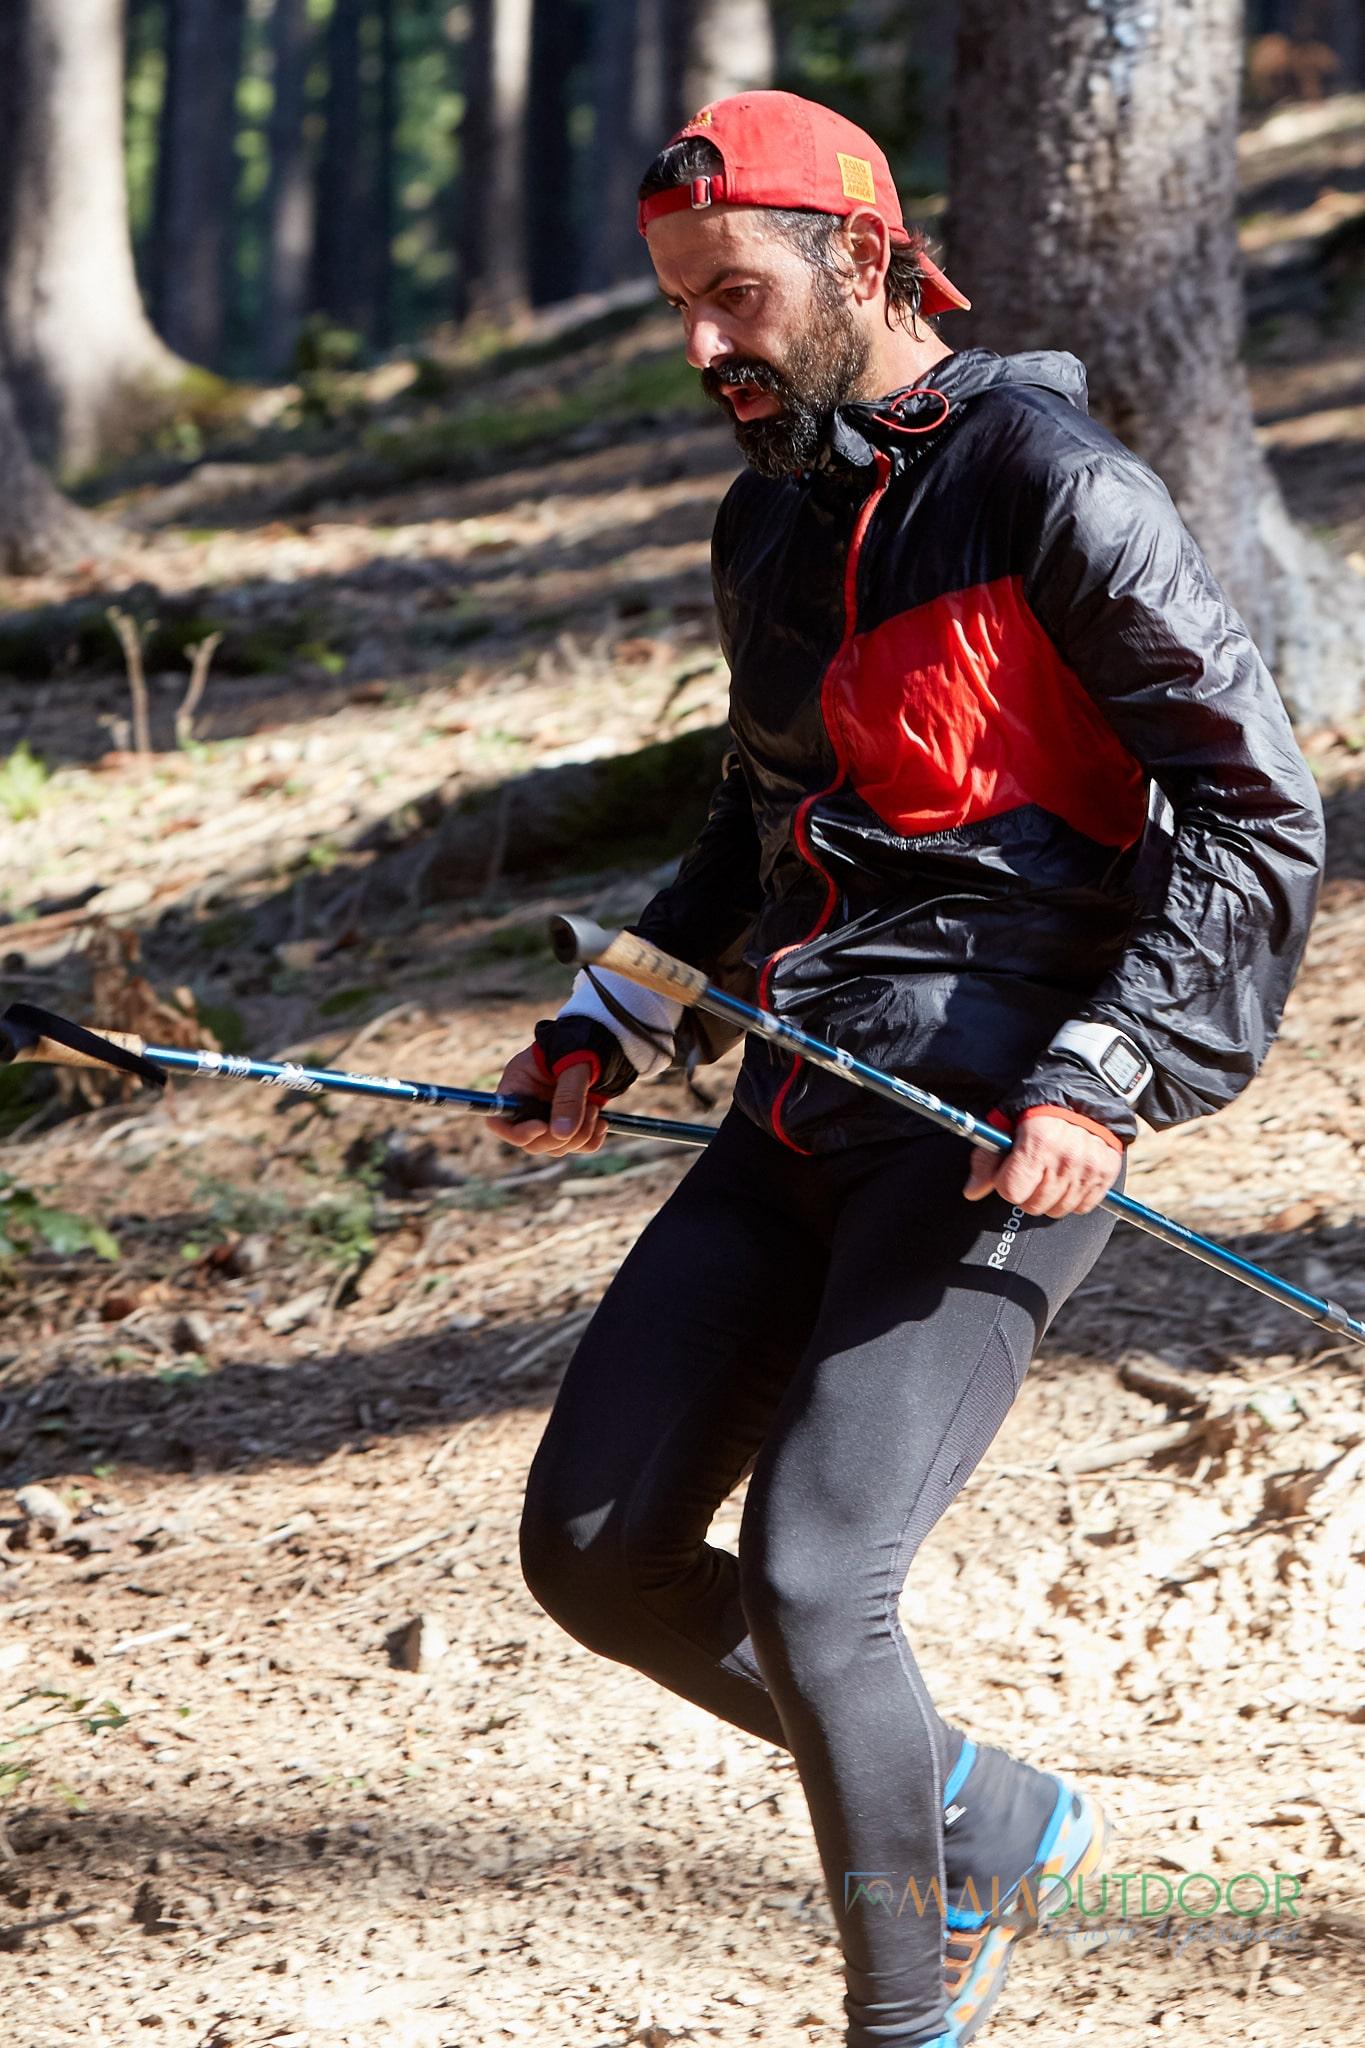 Semimaraton_Curtea_Domneasca_MaiaOutdoor.ro_IMG_5728-min